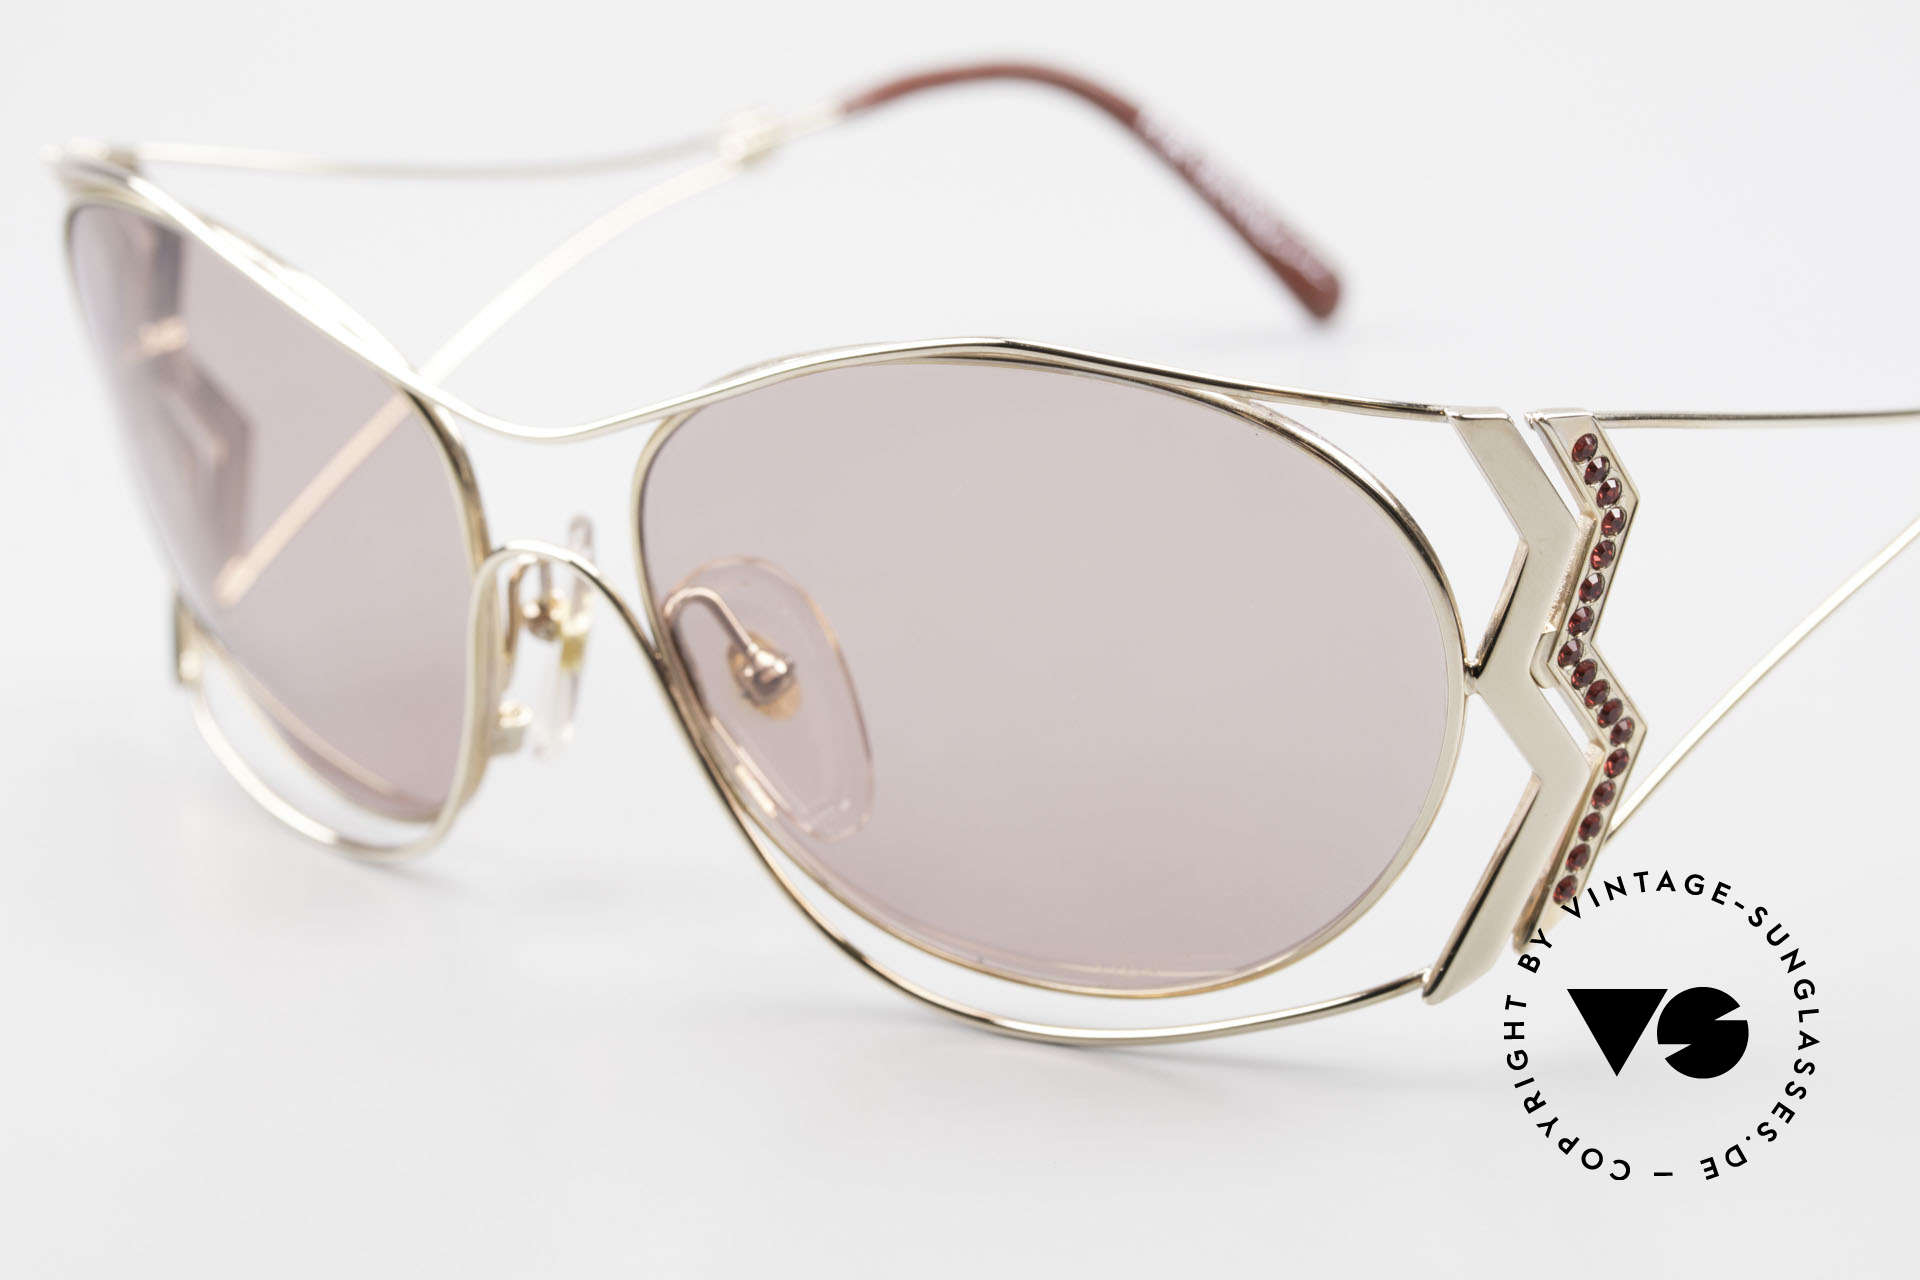 Paloma Picasso 3707 90er Sonnenbrille Mit Strass, ungetragenes Modell mit original Etui von Picasso, Passend für Damen